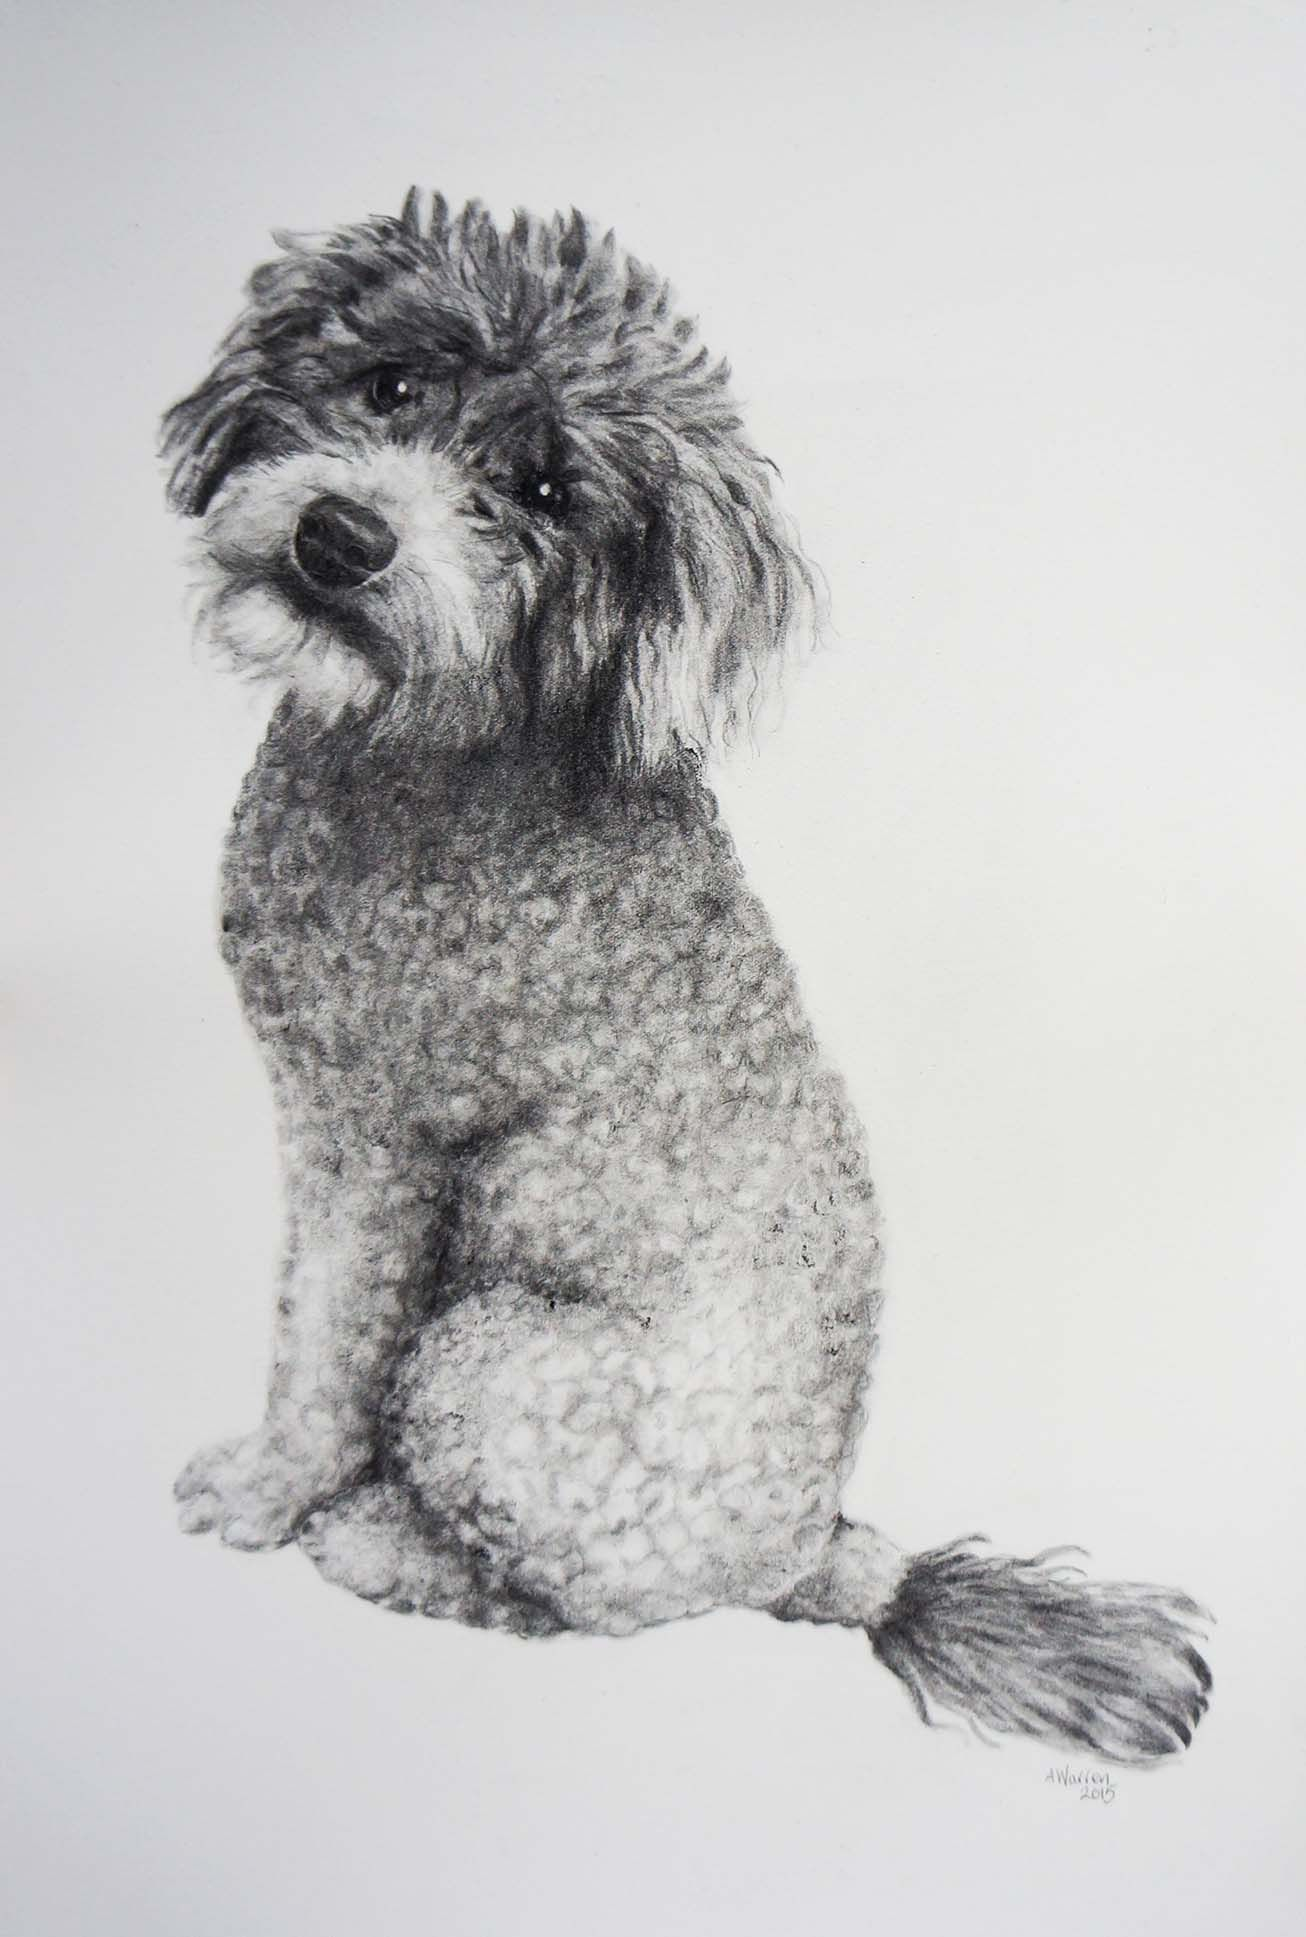 Poodles Drawings In Pencil Google Search Dibujos De Perros Retratos De Mascotas Pintura Perro